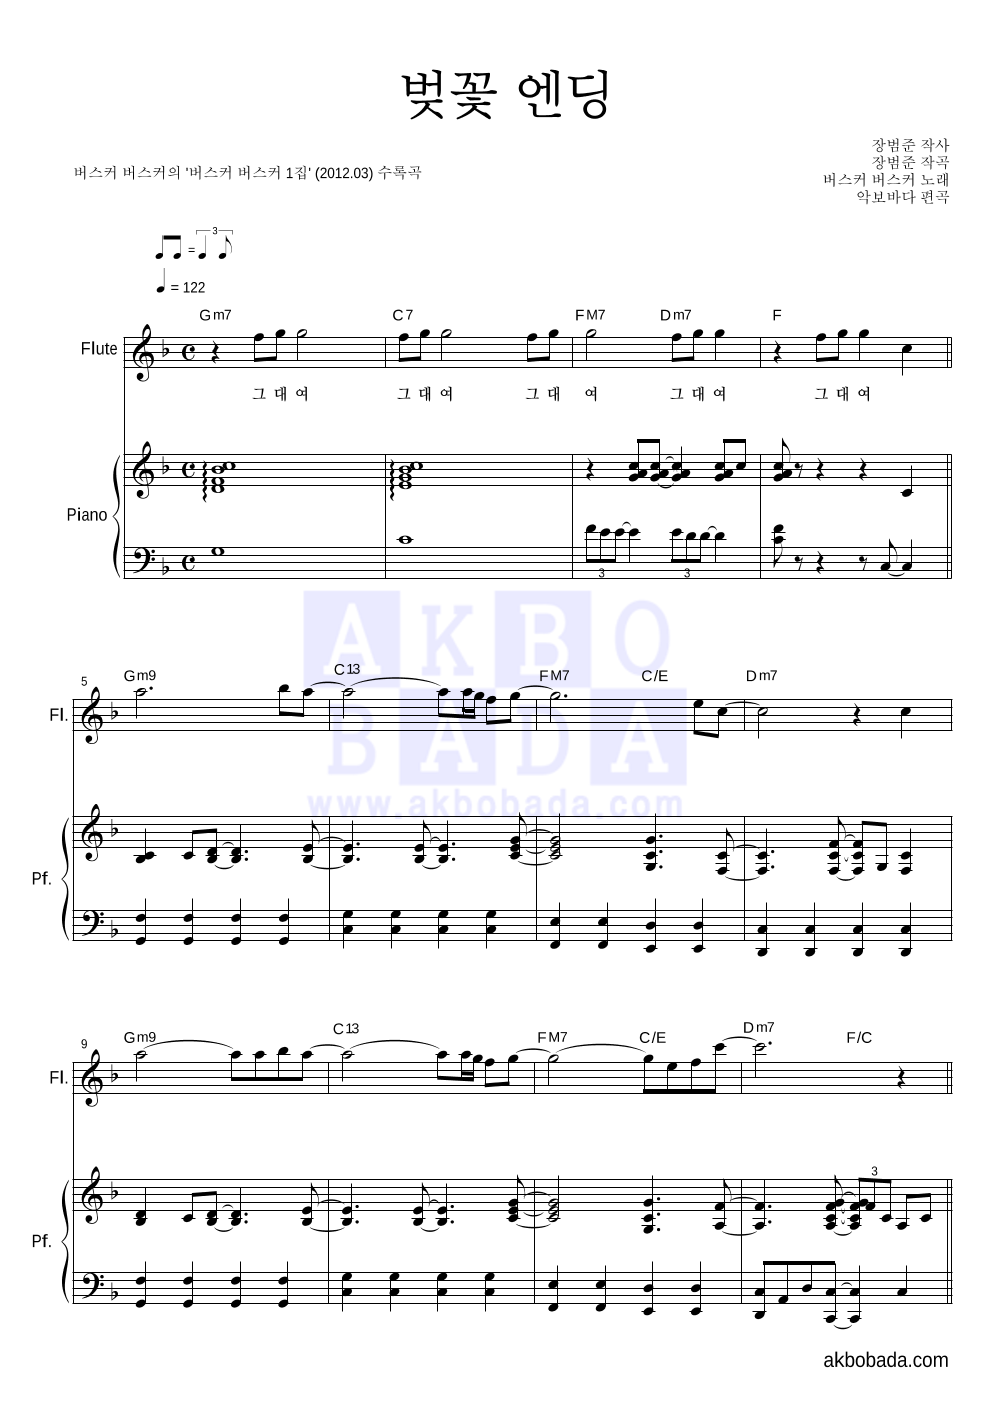 버스커 버스커 - 벚꽃 엔딩 플룻&피아노 악보